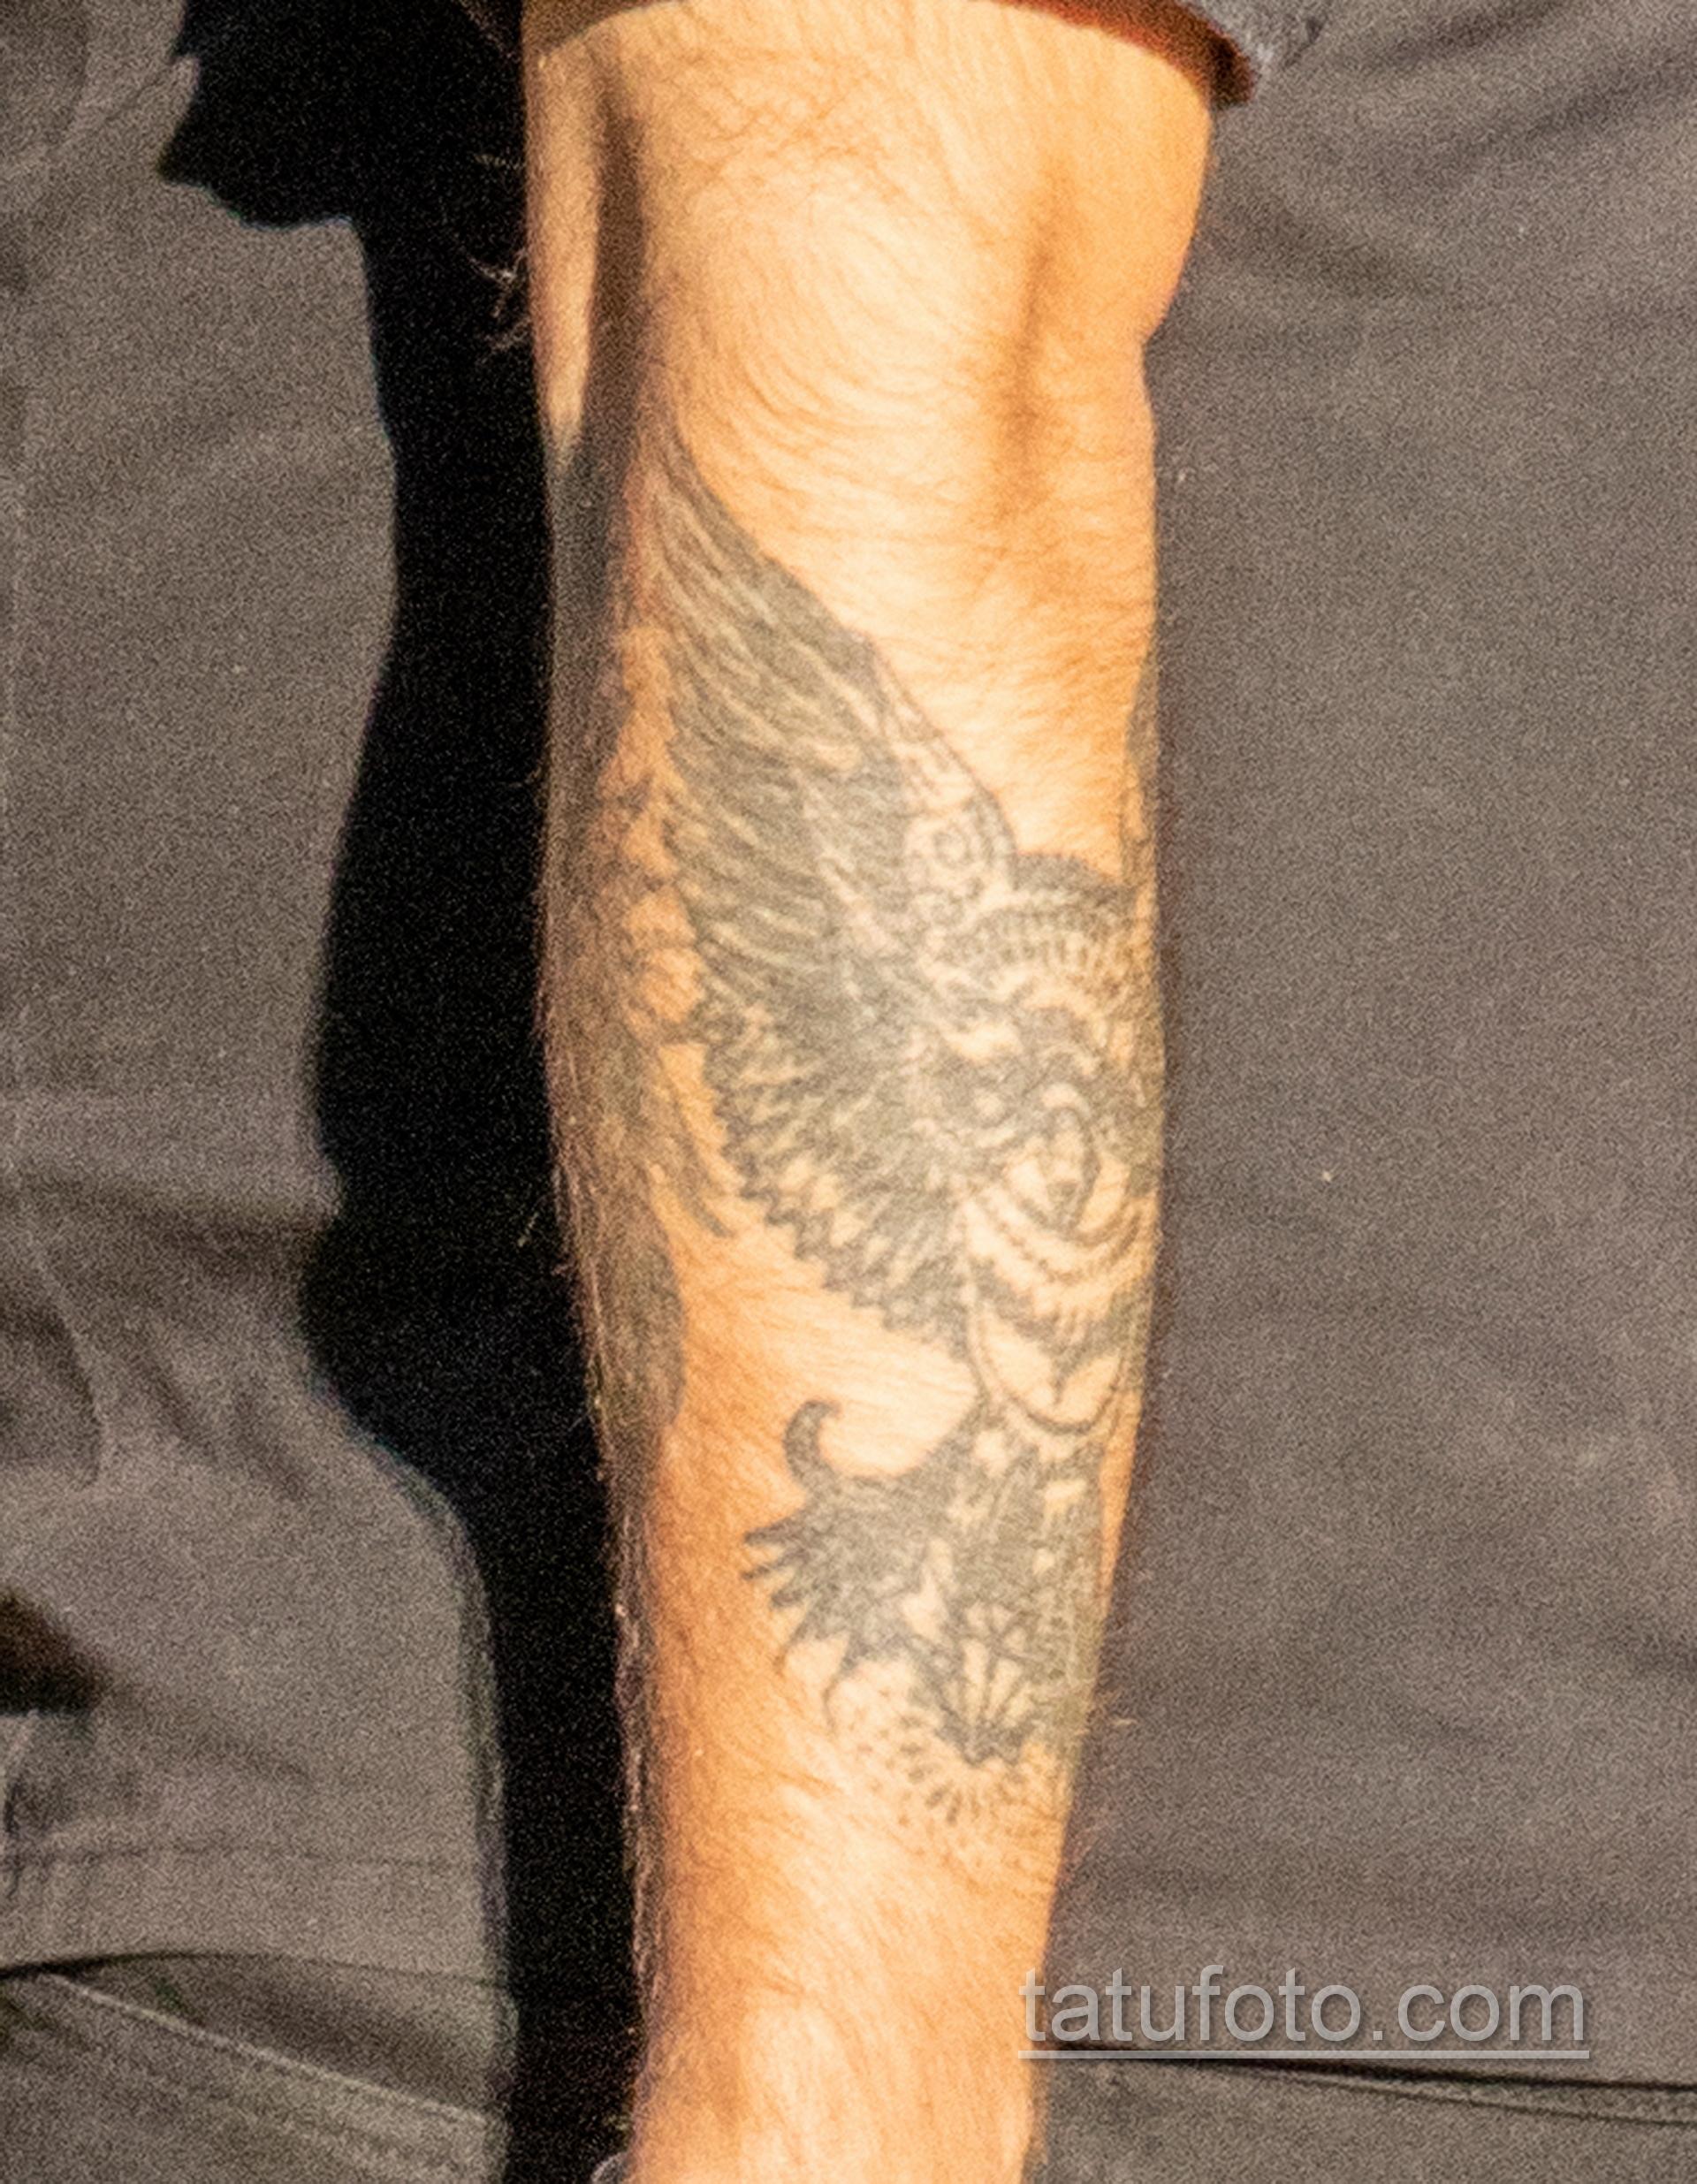 Тату лев и ворон на руке у парня – Уличная татуировка 14.09.2020 – tatufoto.com 22